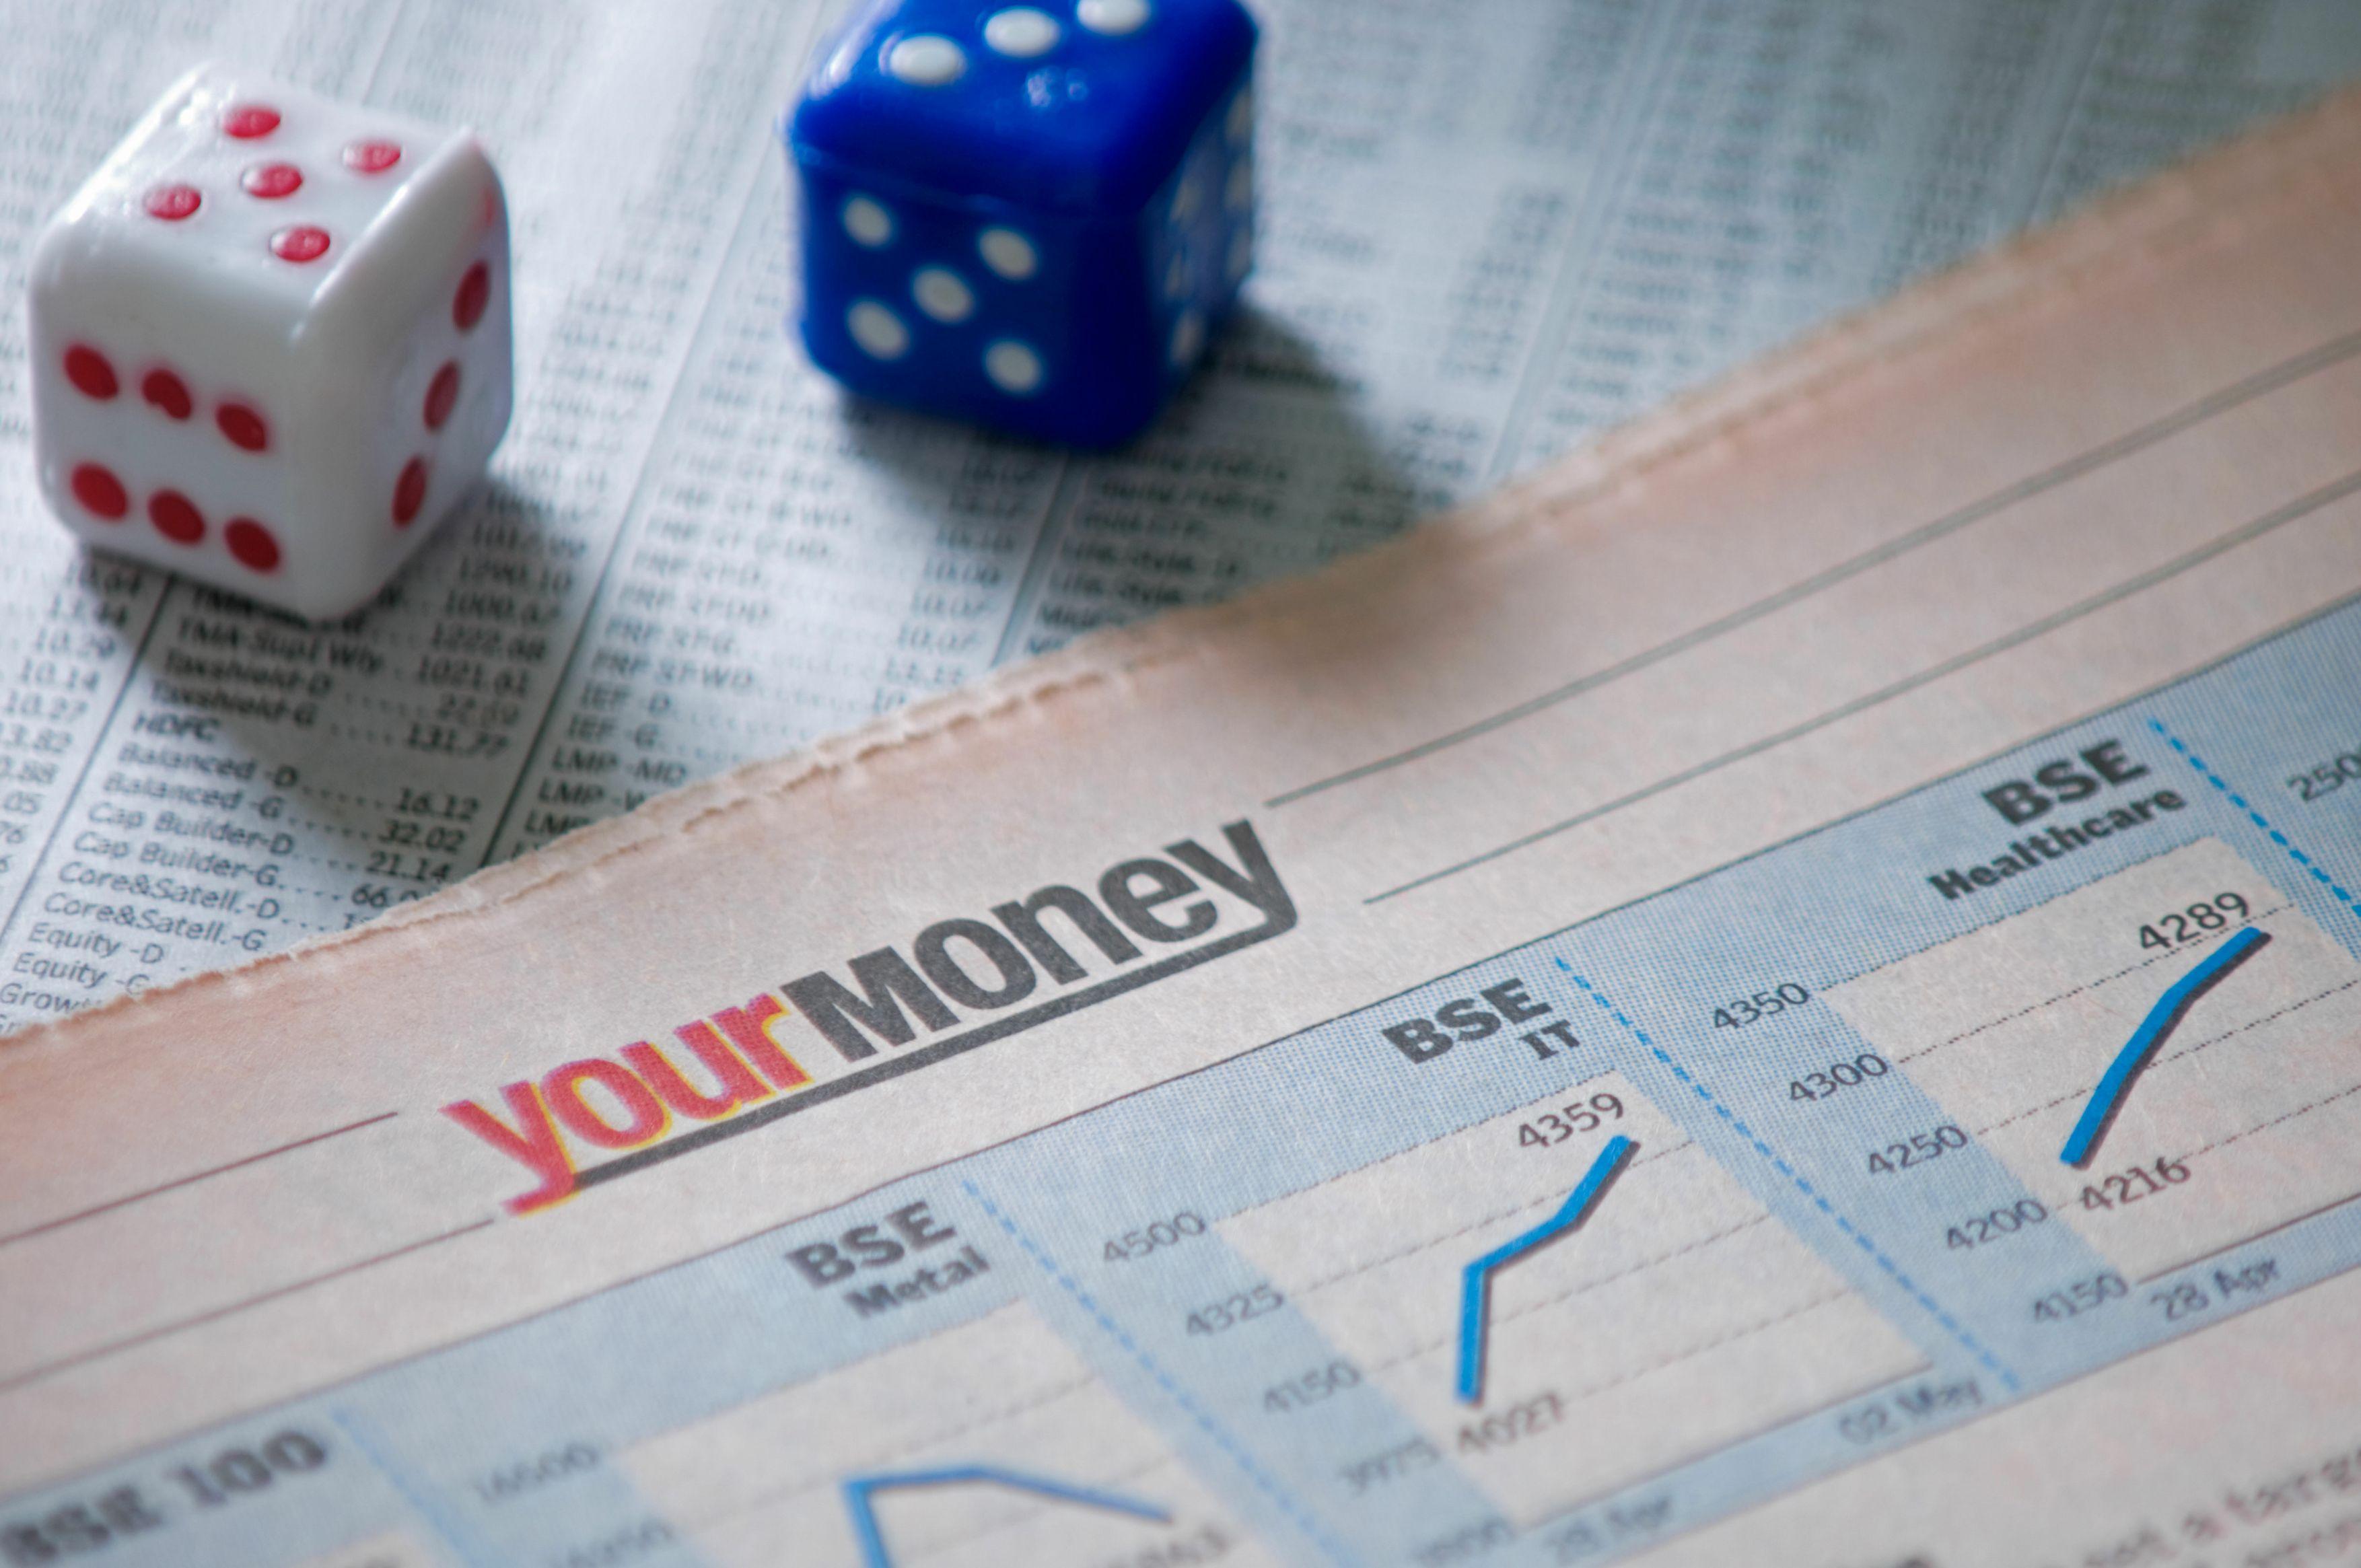 海外宏观周报:2019年人民币汇率将获更多支撑